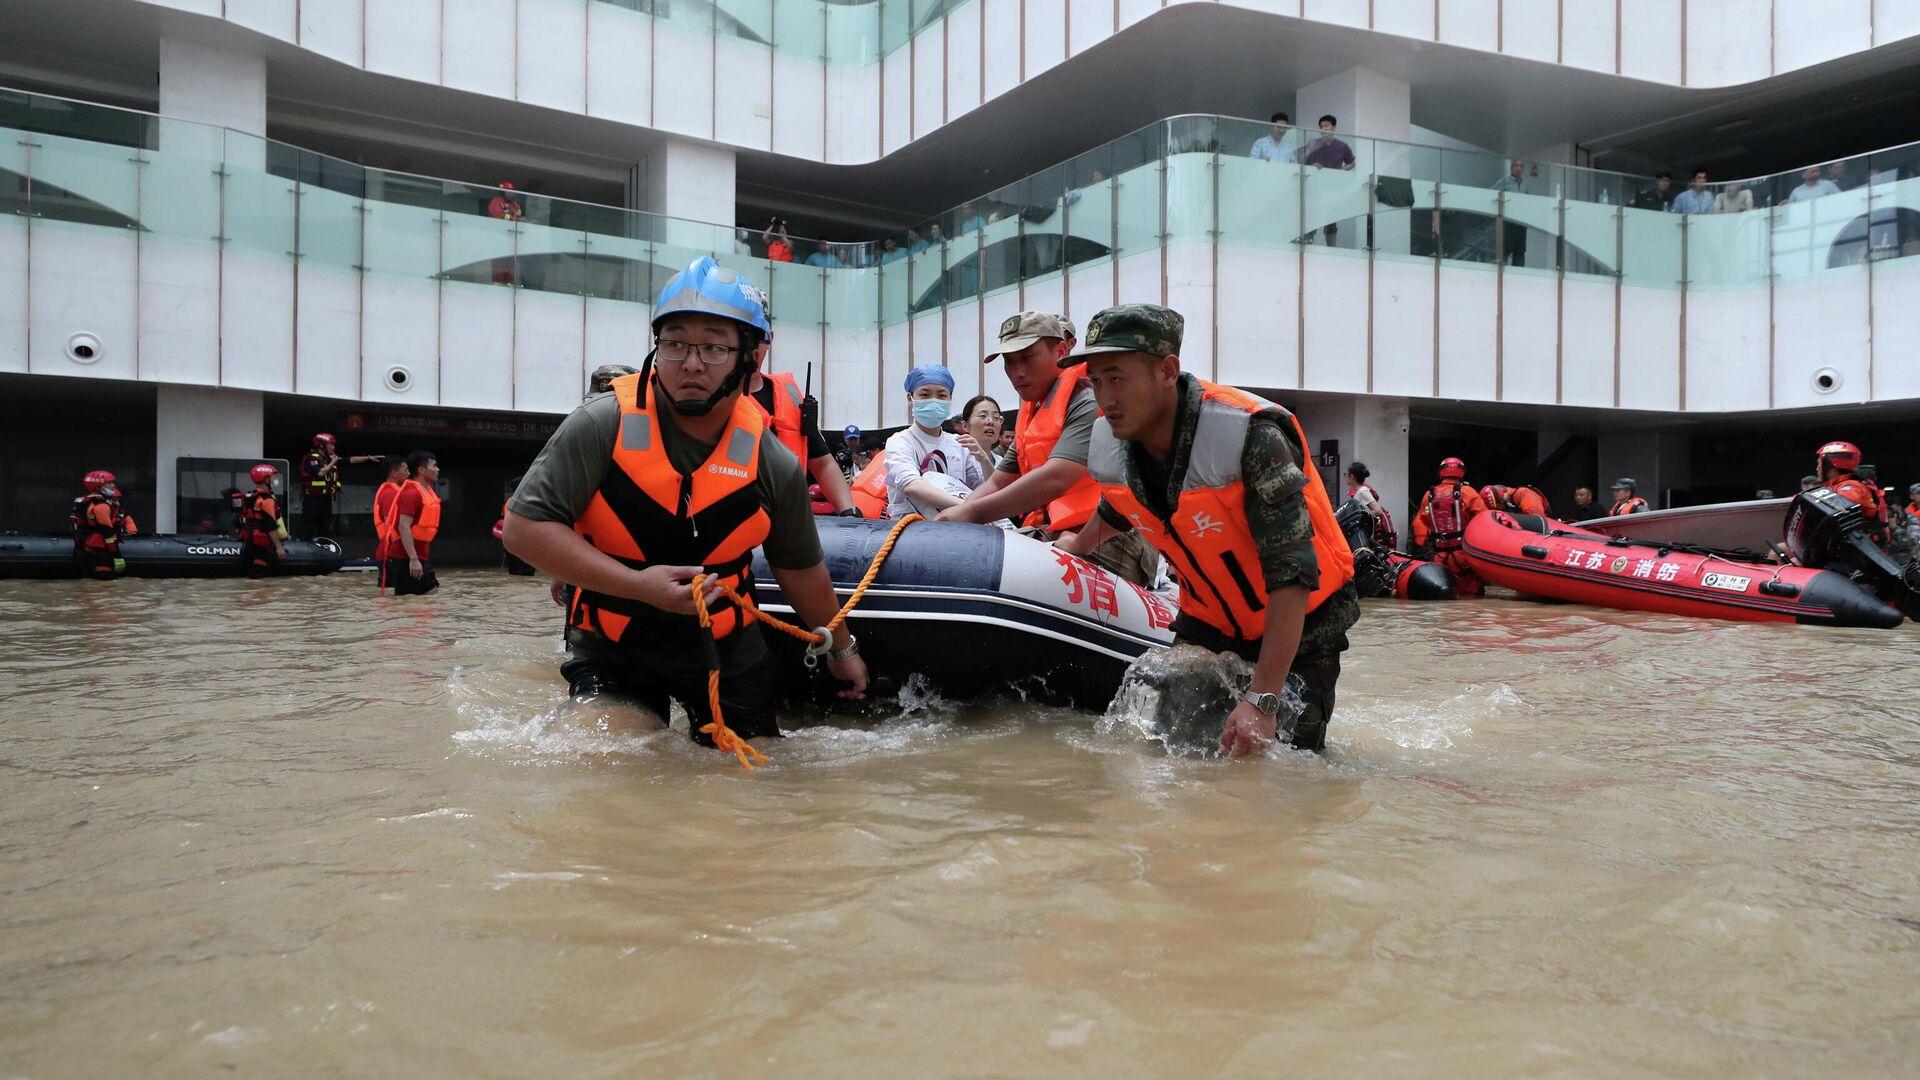 Asciende el número de muertos por inundaciones en China - 23.07.2021,  Sputnik Mundo